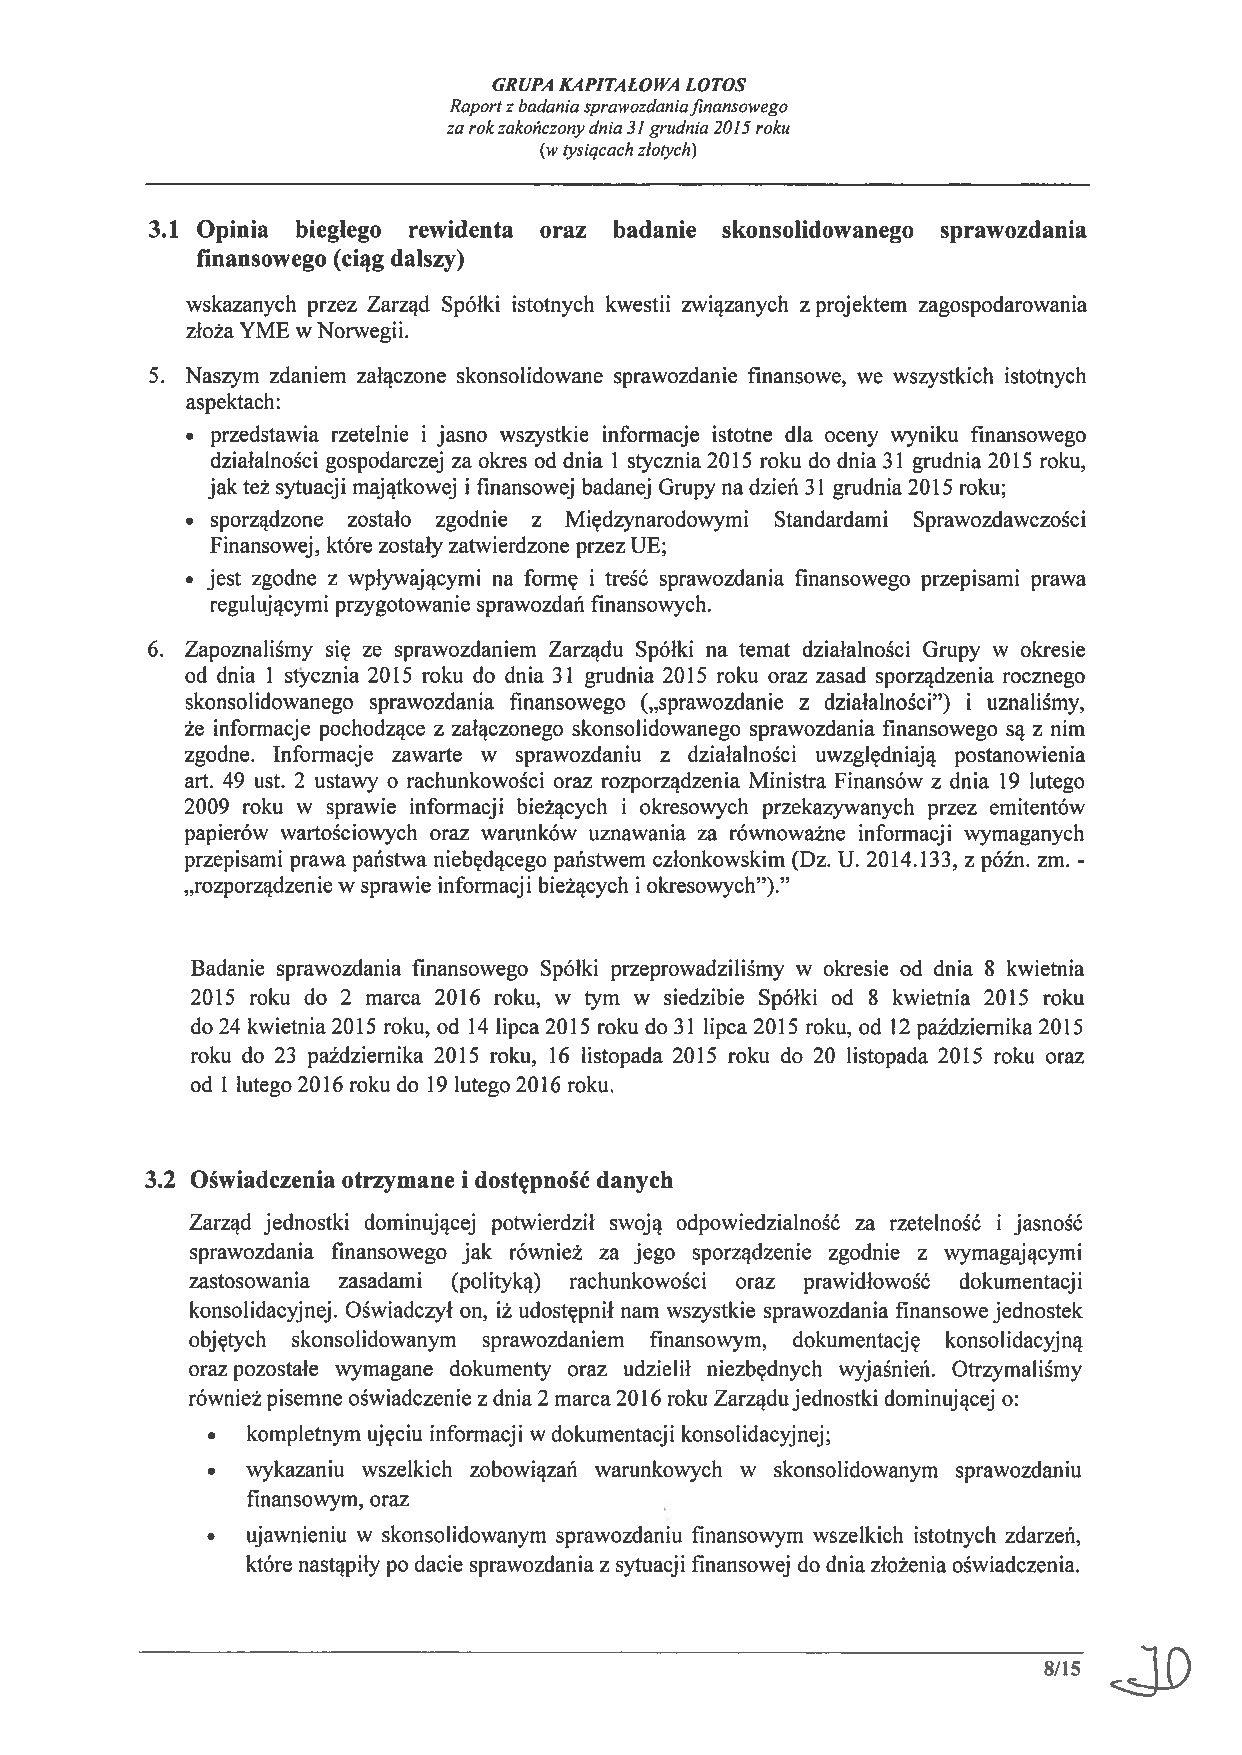 Grupa Kapitalowa LOTOS 2015 - Raport audytora z badania Skonsolidowanego Sprawozdania Finansowego strona 8